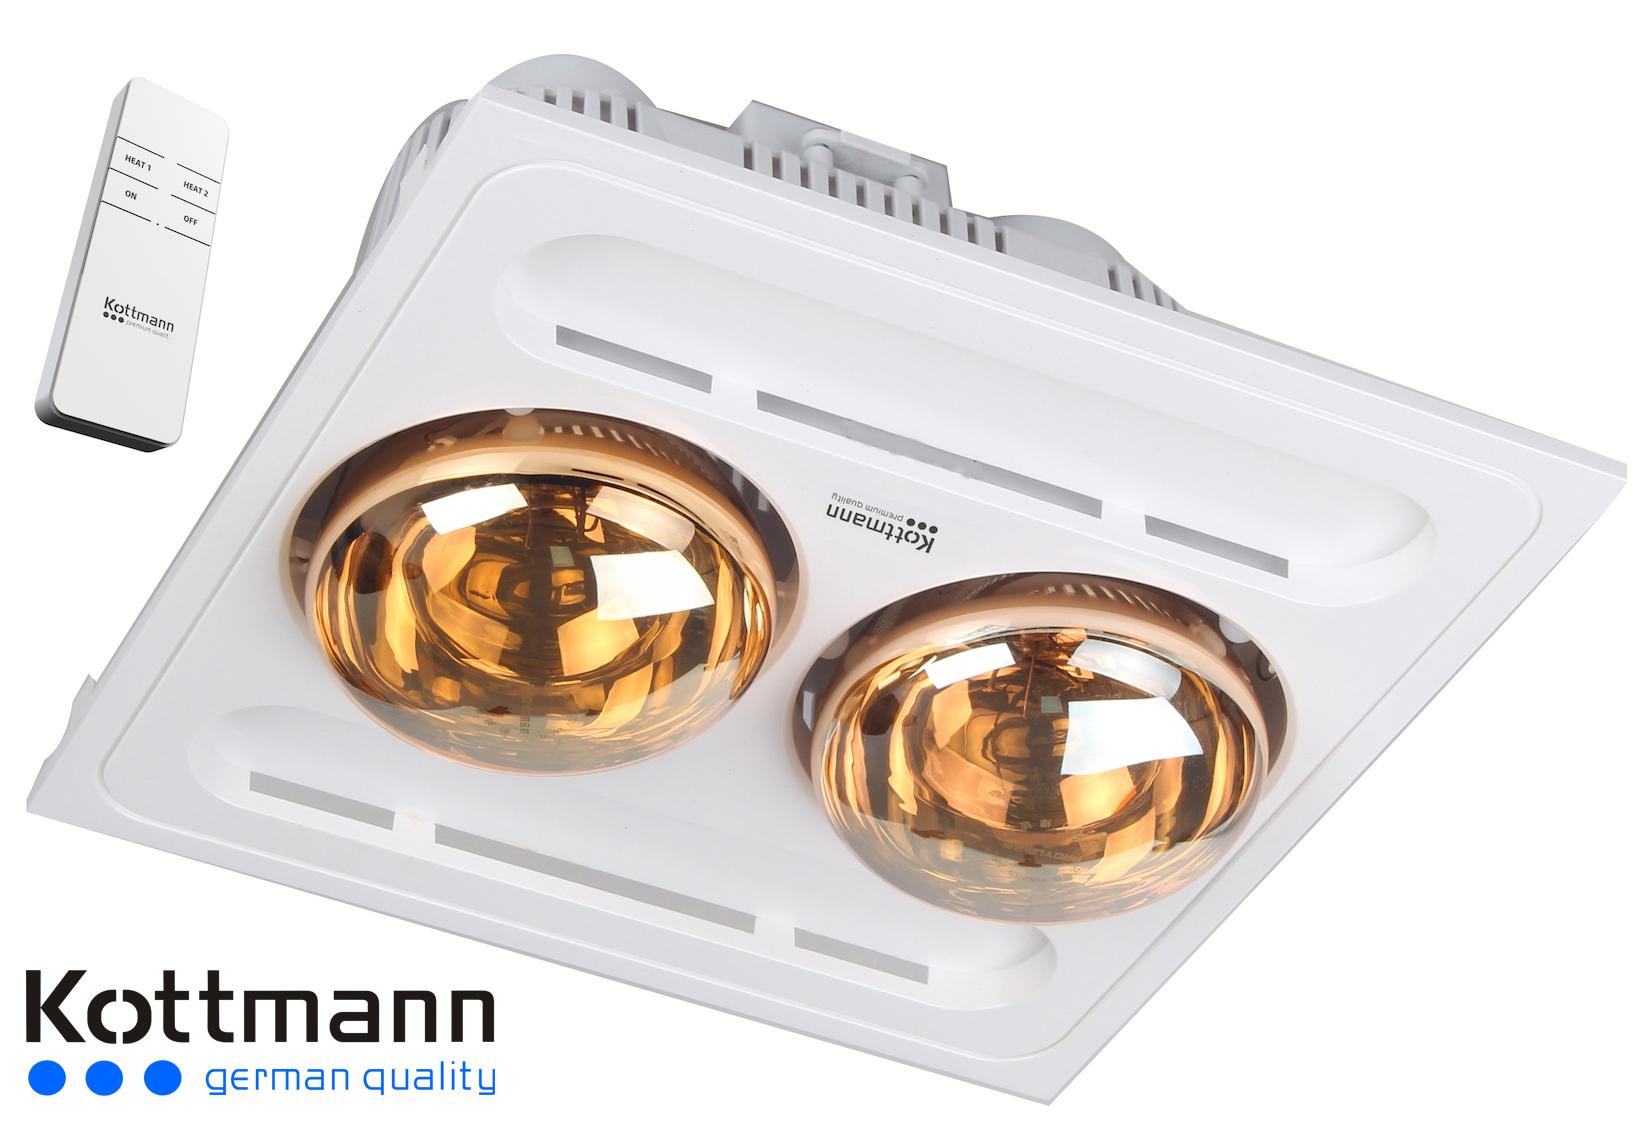 Đèn sưởi 2 bóng âm trần Kotmann K9-R (điều khiển từ xa) 1